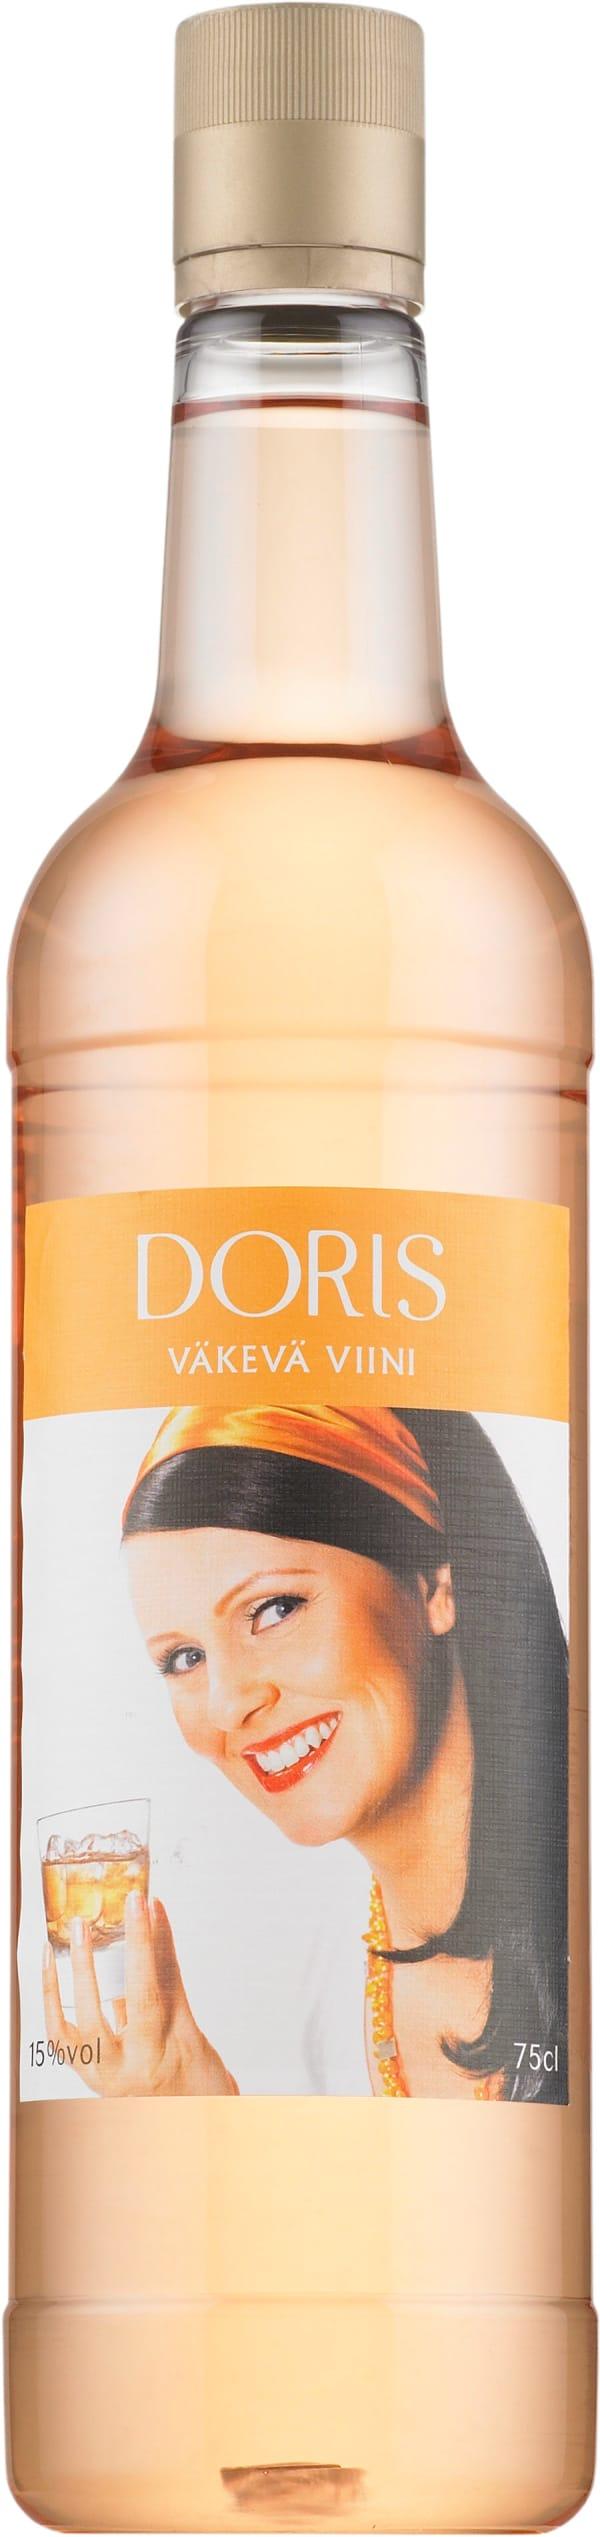 Doris plastflaska